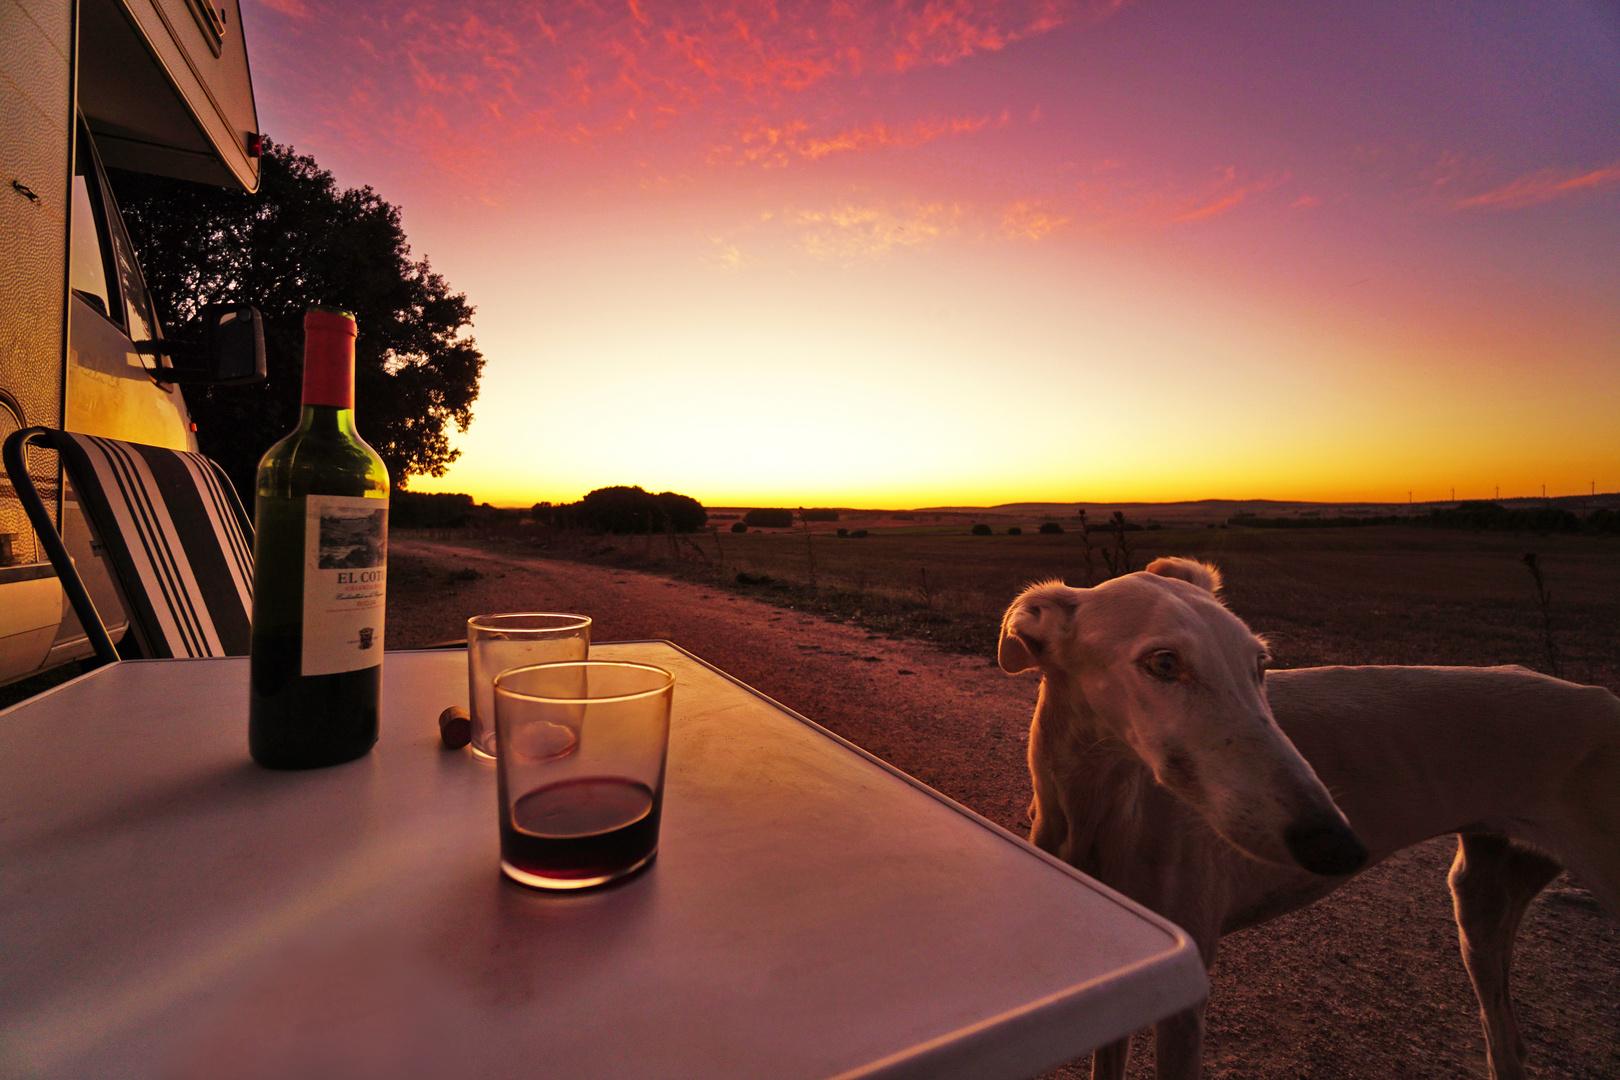 Sunset with Grayhound/ Spain